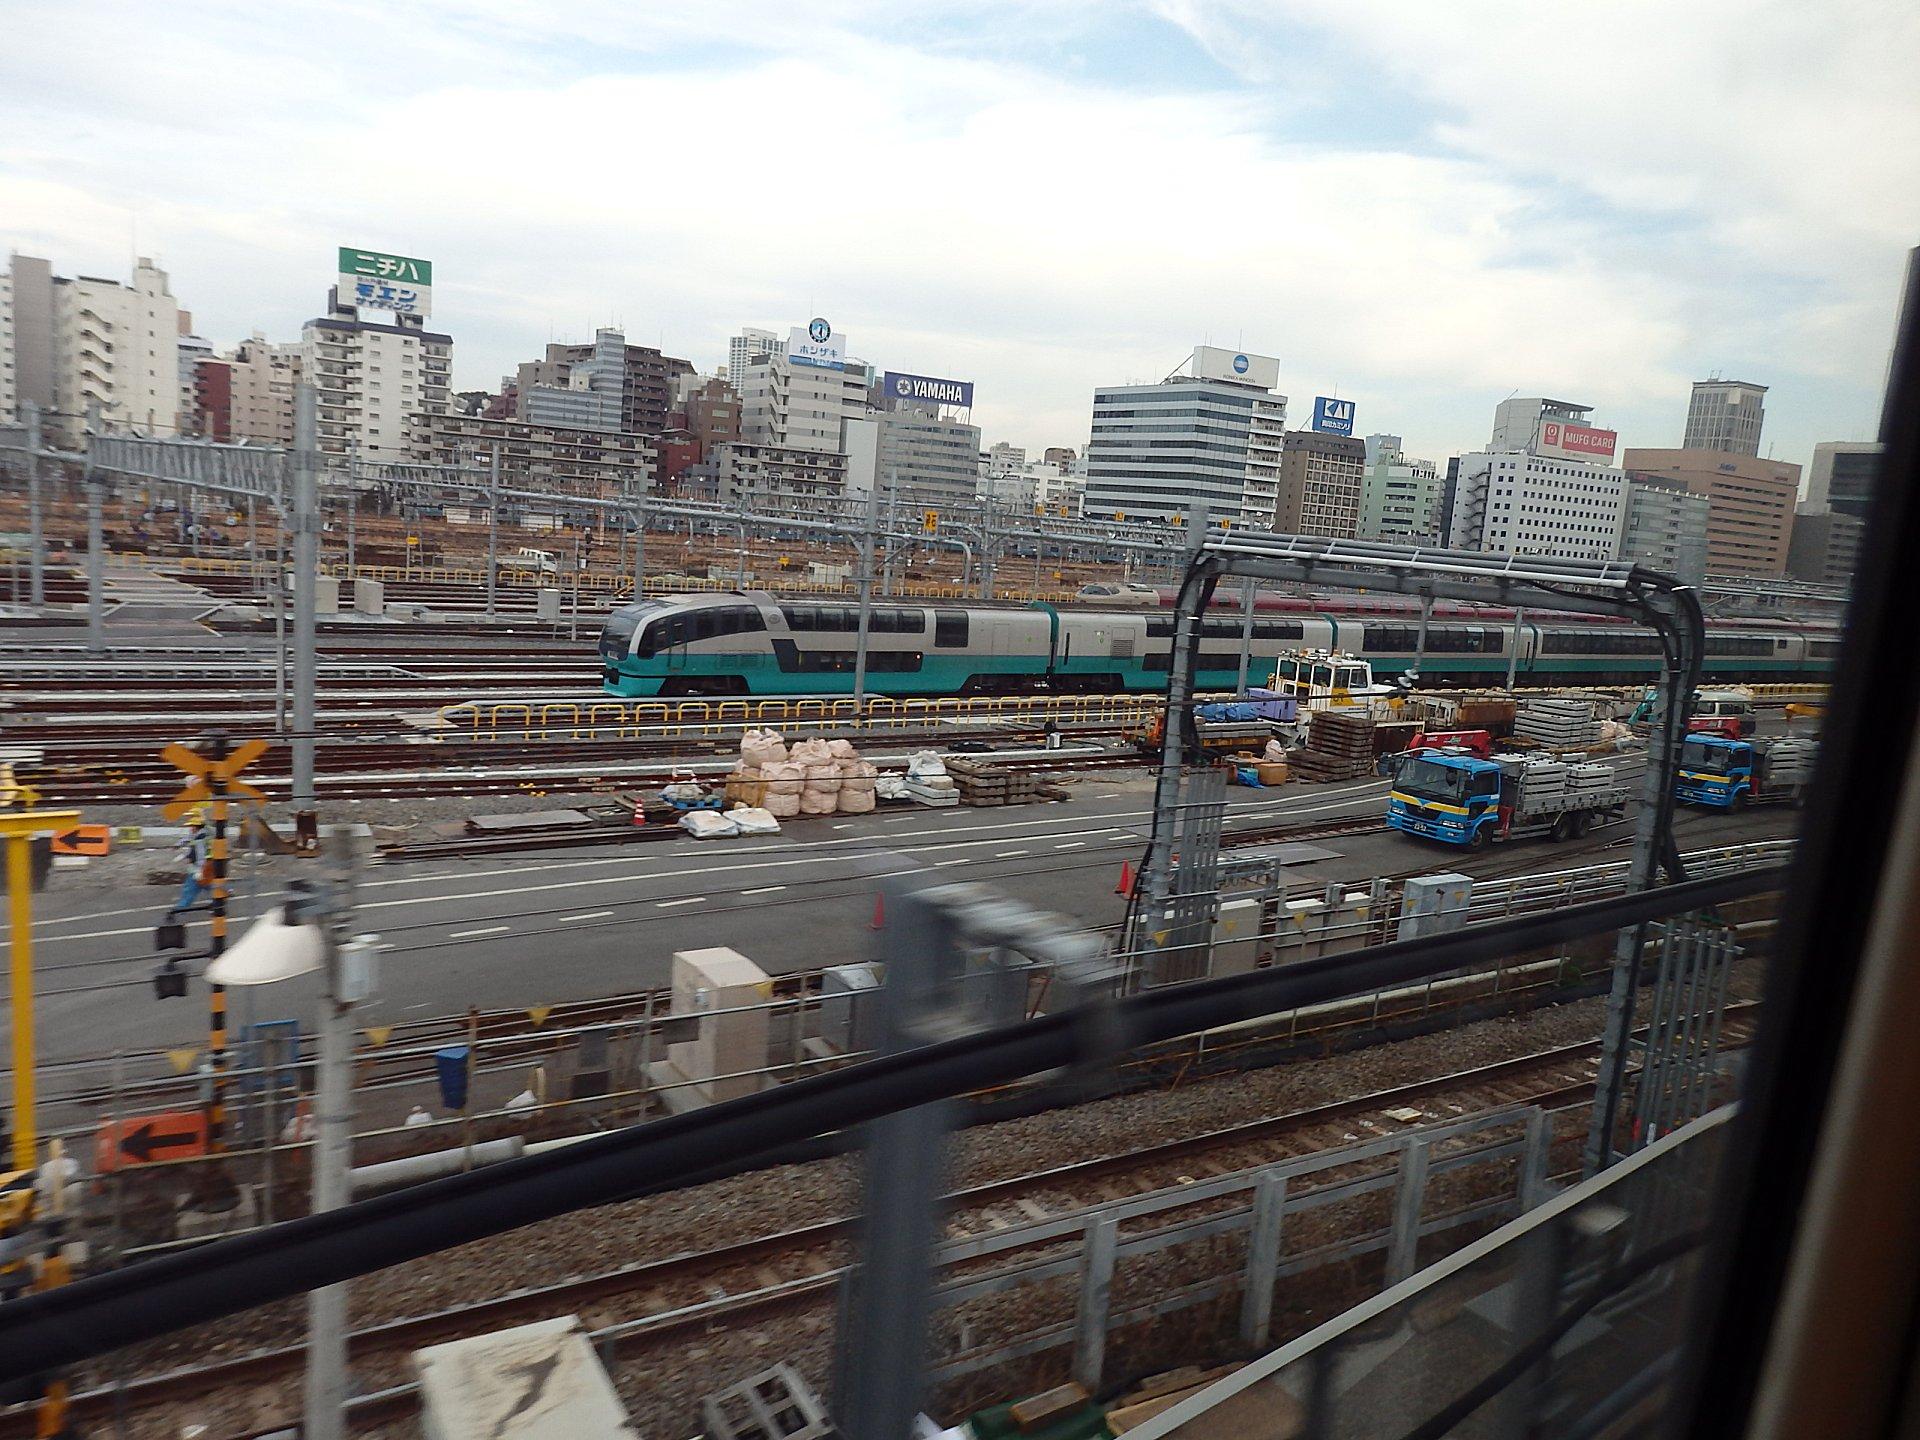 田町車両基地のスーパービュー踊り子と向こう側にサンライズです。